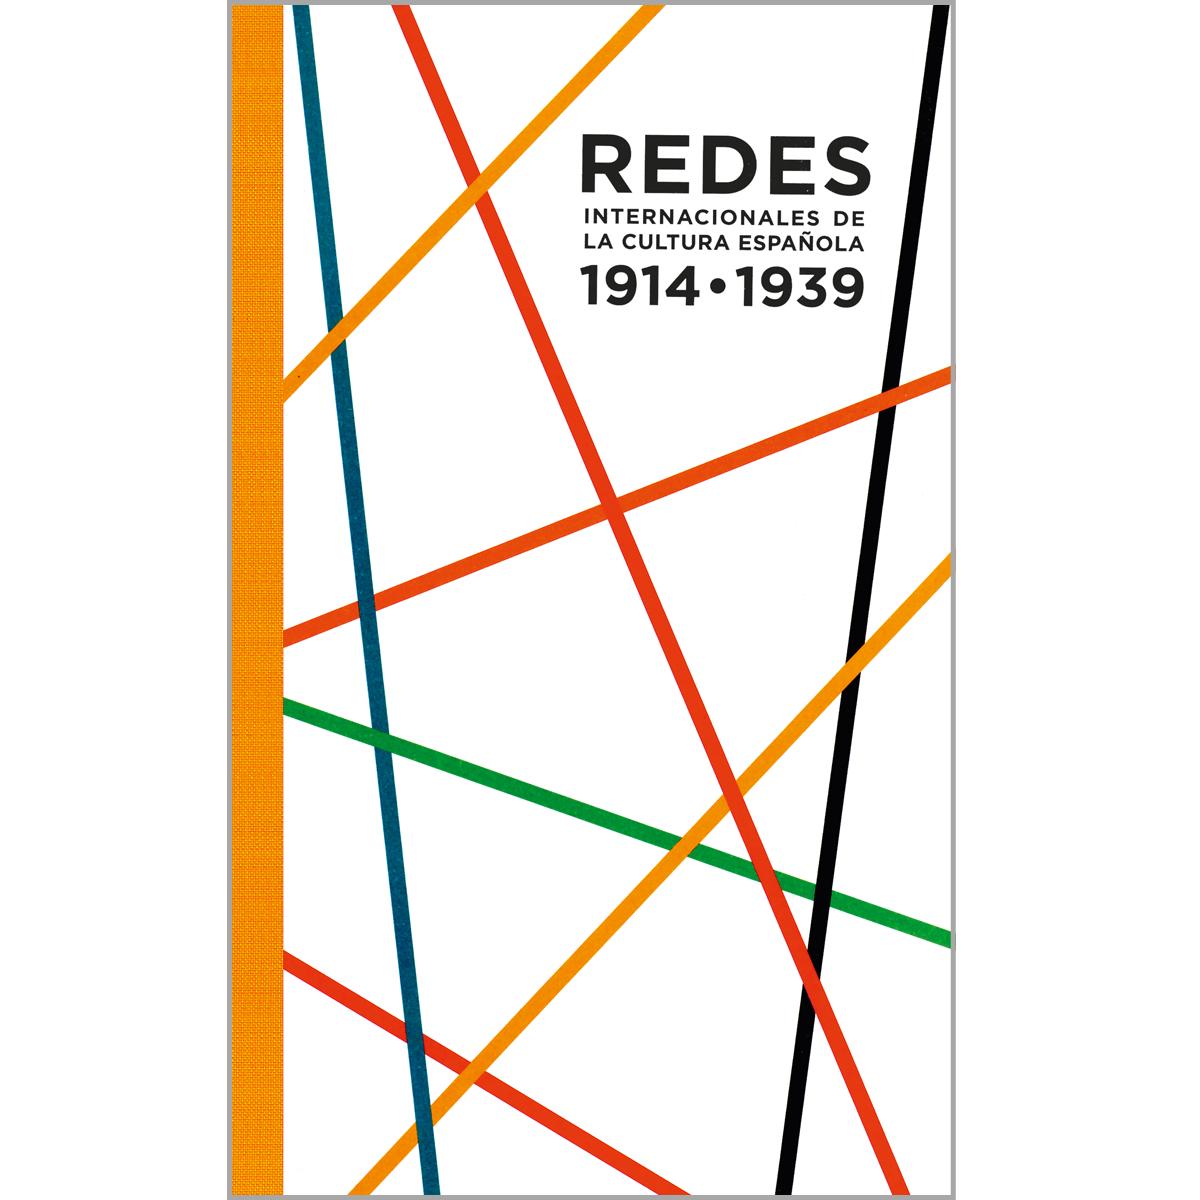 Redes internacionales de la cultura española, 1914-1939